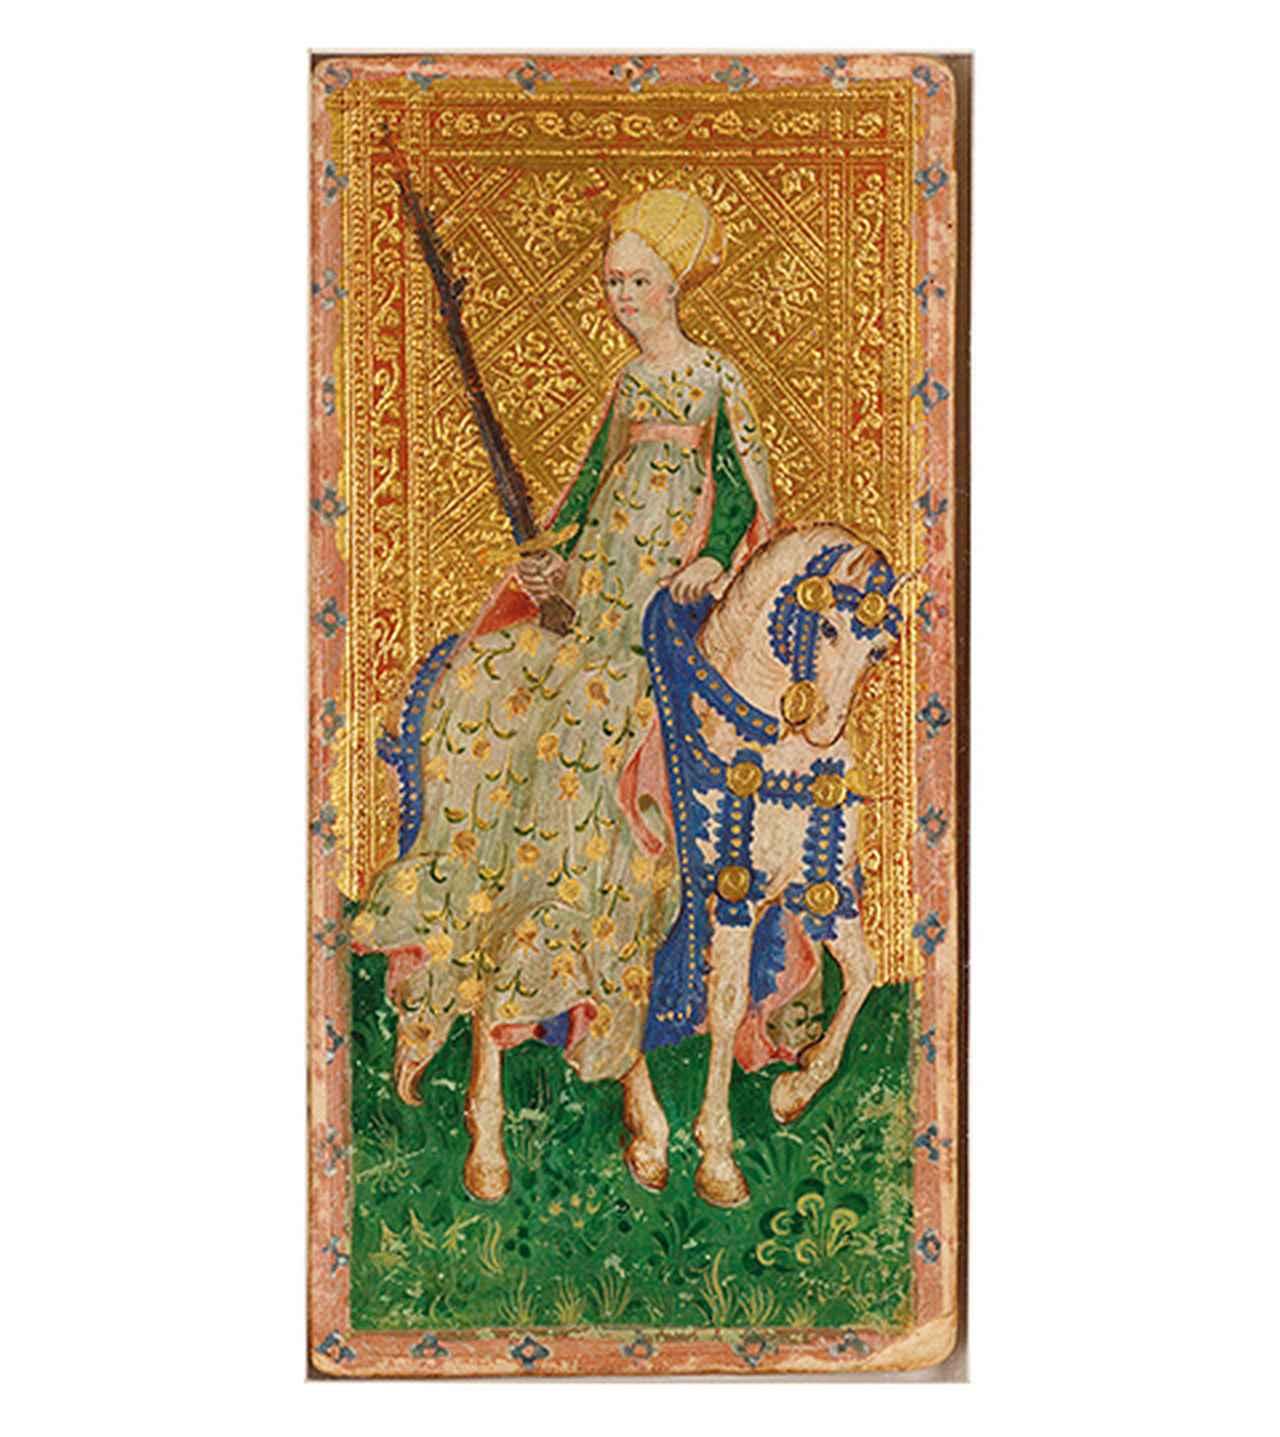 Images : ヴィスコンティ家のタロットカード(1451年頃)